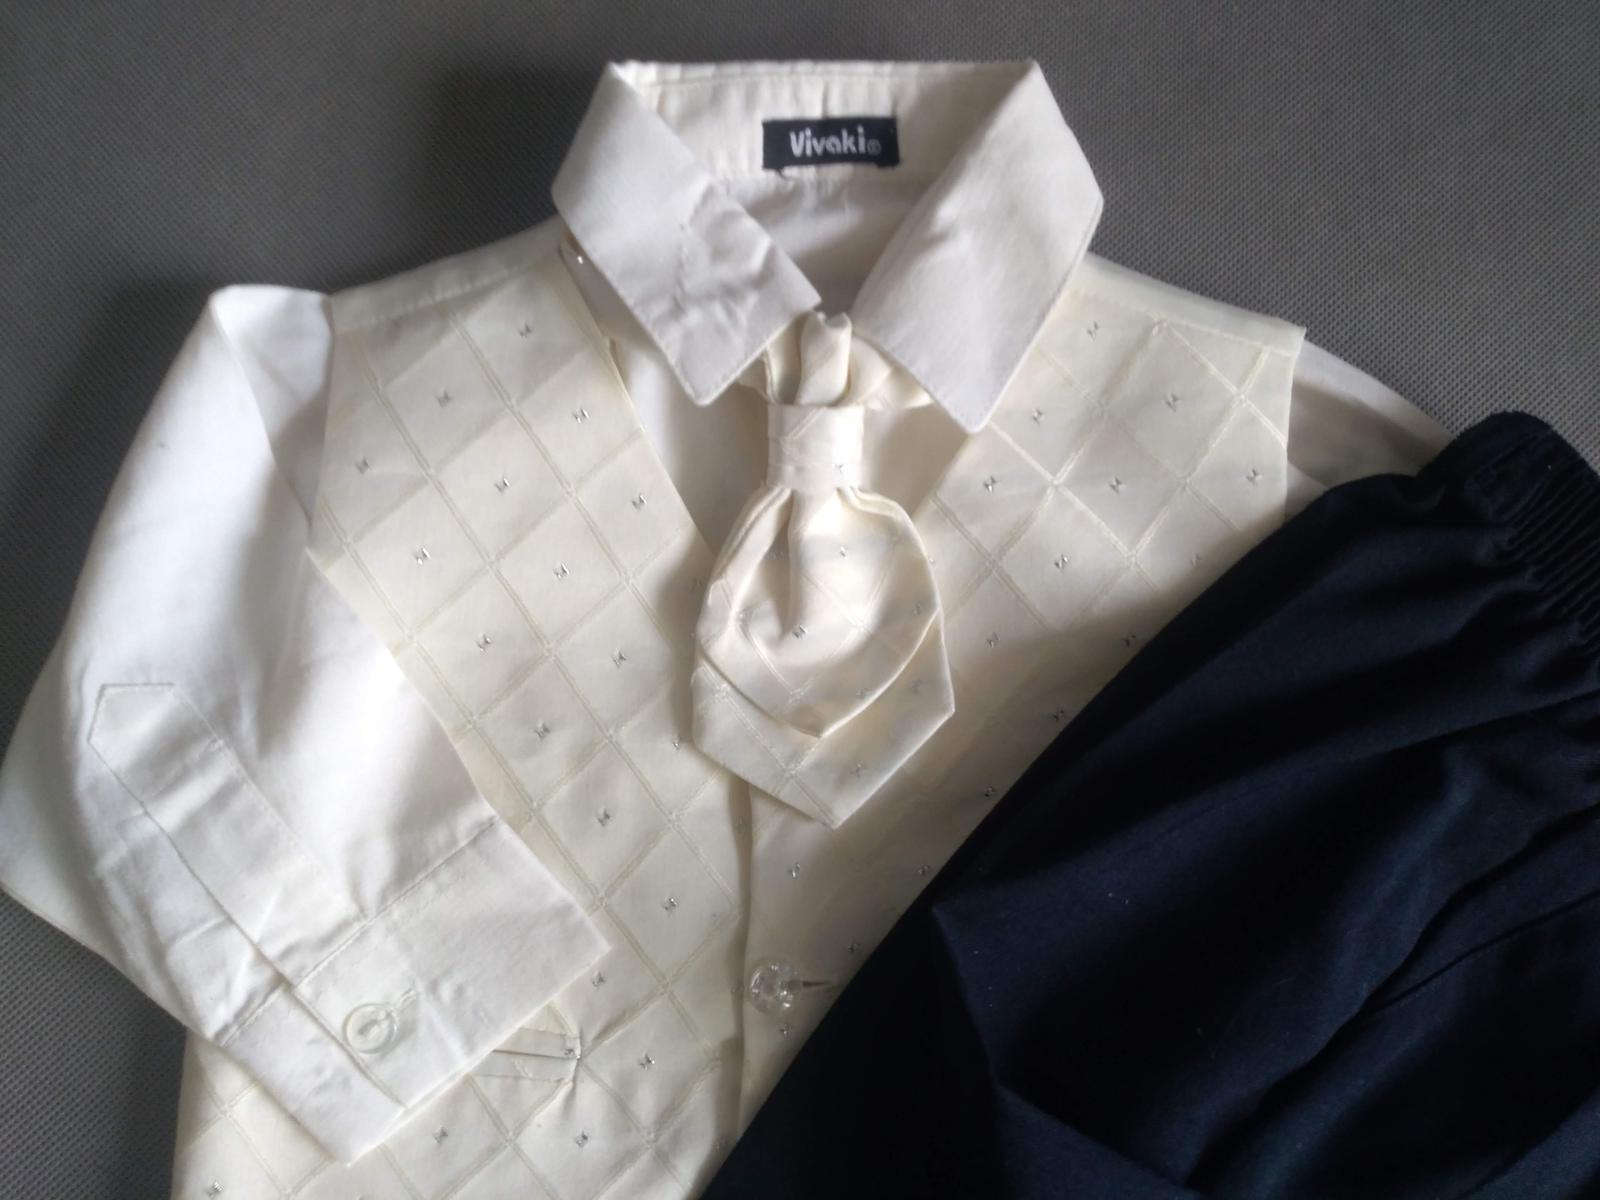 SKLADEM - k zapůjčení ivory oblek 12-18 měsíců - Obrázek č. 2